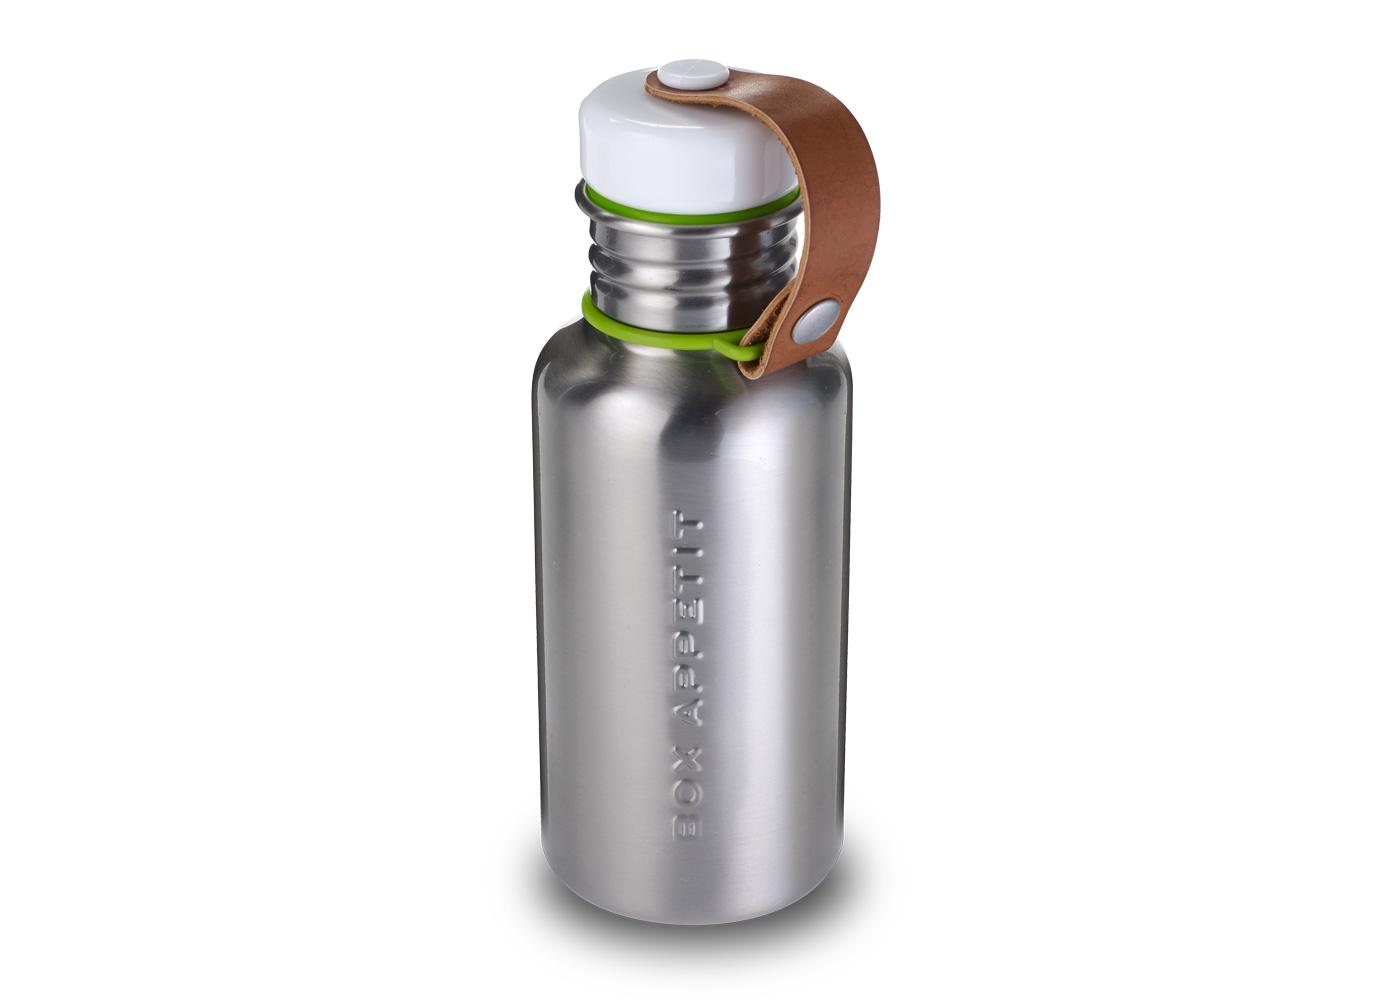 Фляга Box appetiteЕмкости для хранения<br>Небольшая фляга из нержавеющей стали, выполненная в винтажном стиле. Удобная и экологичная альтернатива одноразовым пластиковым бутылкам. Плотная крышка из защитит содержимое от протекания и не потеряется благодаря ремешку из эко-кожи.&amp;amp;nbsp;&amp;lt;div&amp;gt;&amp;lt;br&amp;gt;&amp;lt;/div&amp;gt;&amp;lt;div&amp;gt;Объем 350 мл.&amp;lt;/div&amp;gt;<br><br>Material: Металл<br>Height см: 20<br>Diameter см: 7